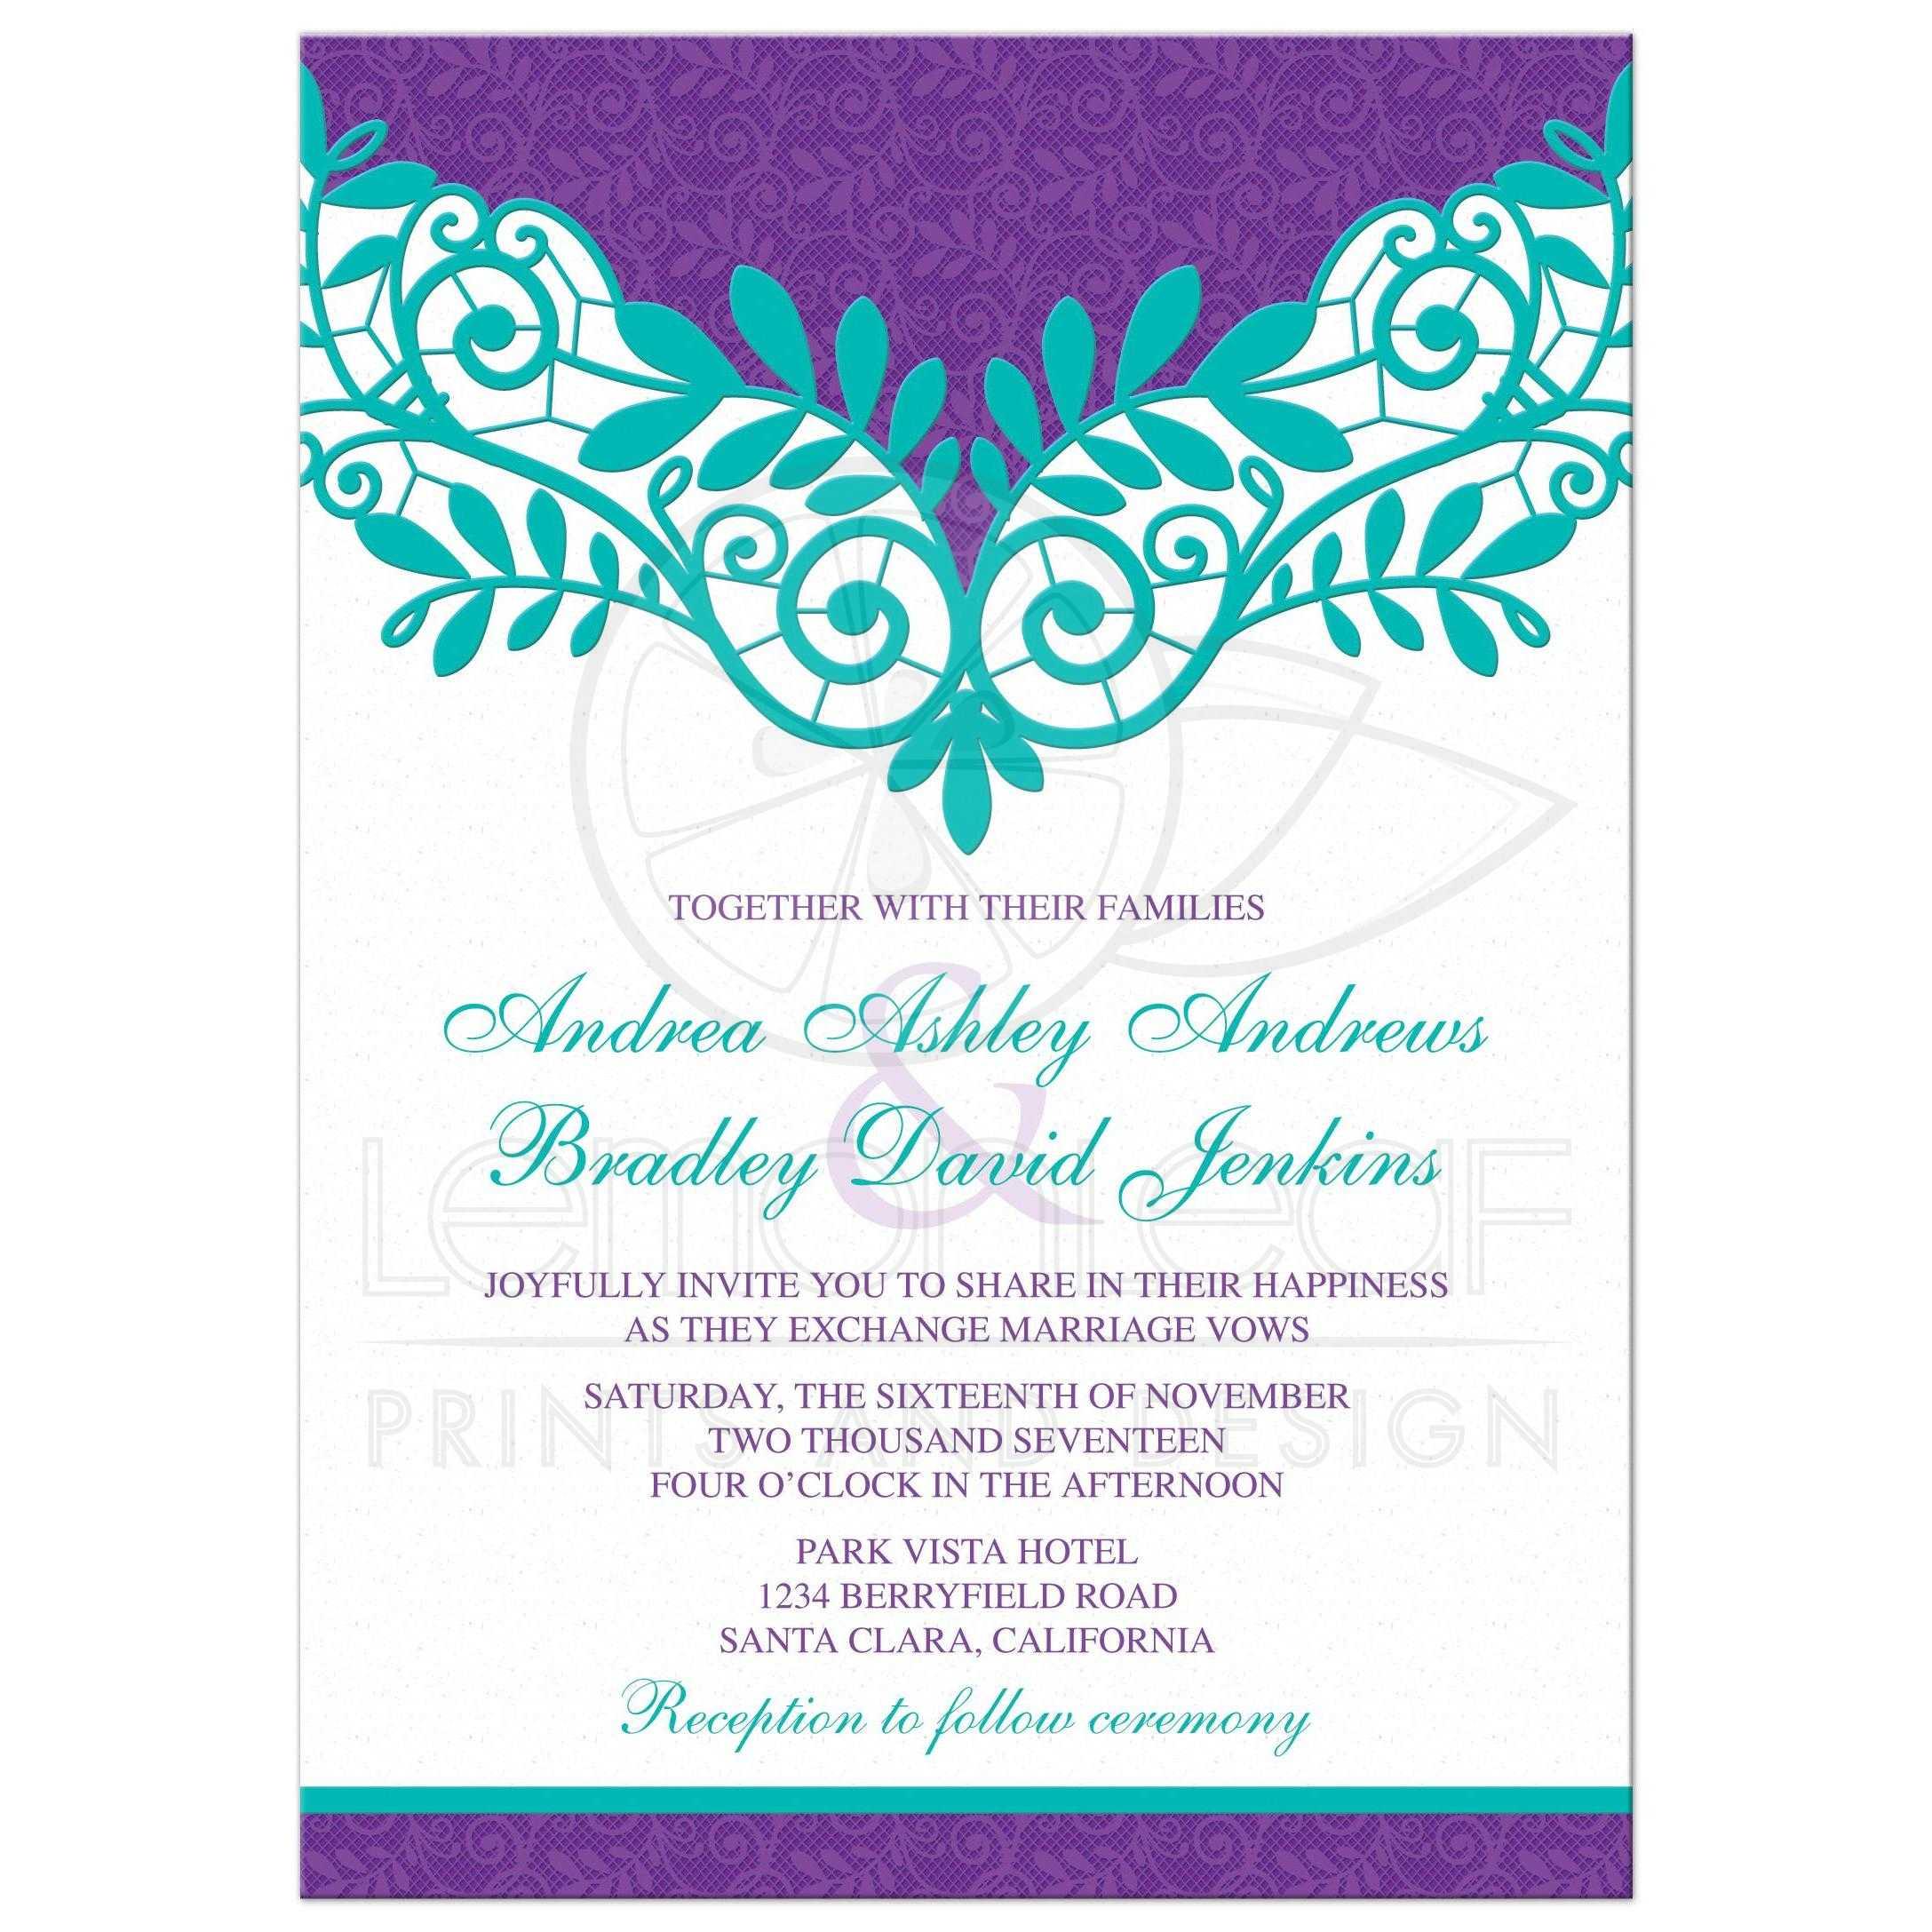 Teal Purple Lace Wedding Invitation